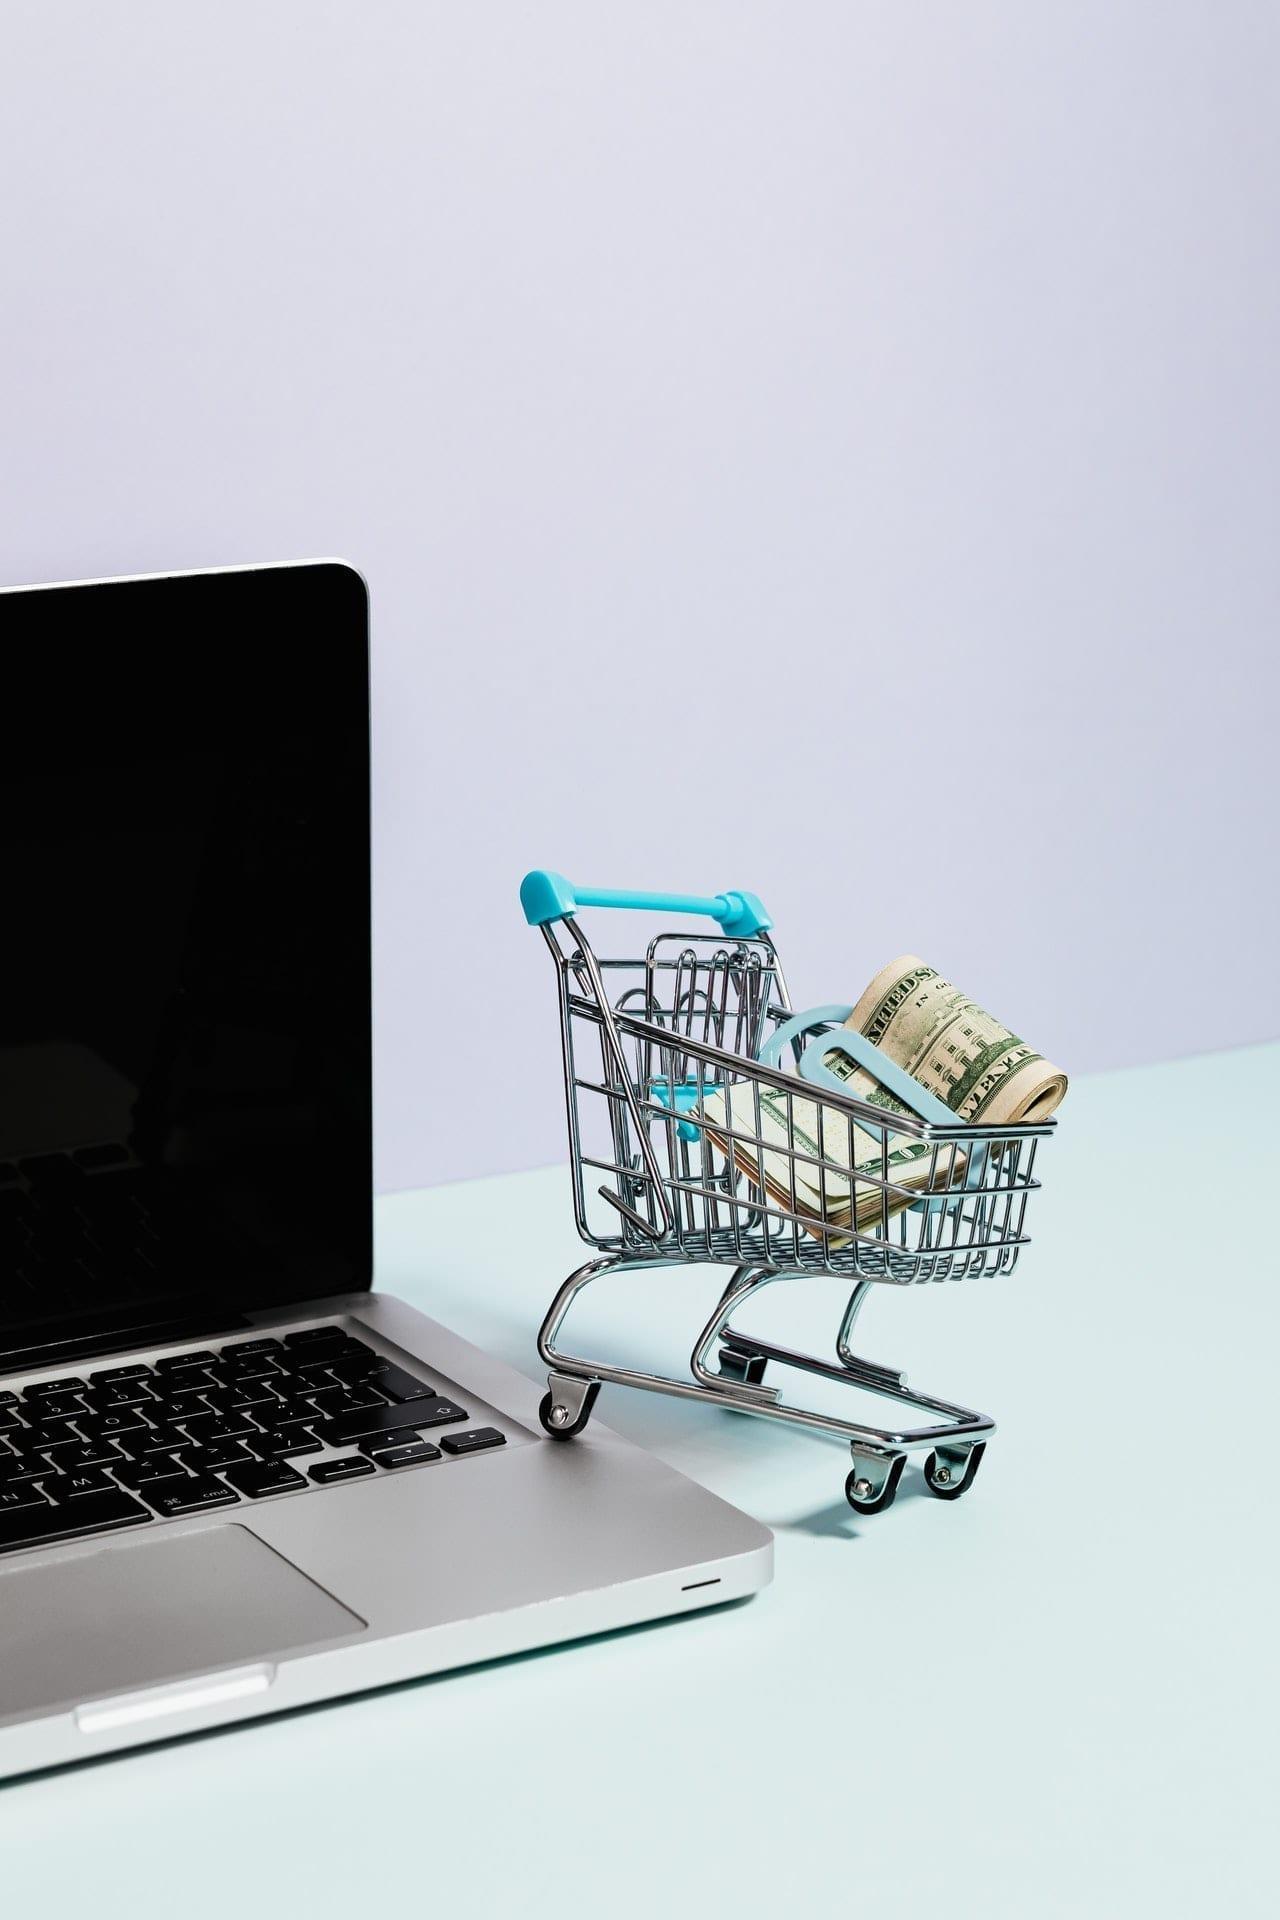 Recepción y radicación de facturas electrónicas emitidas por proveedores